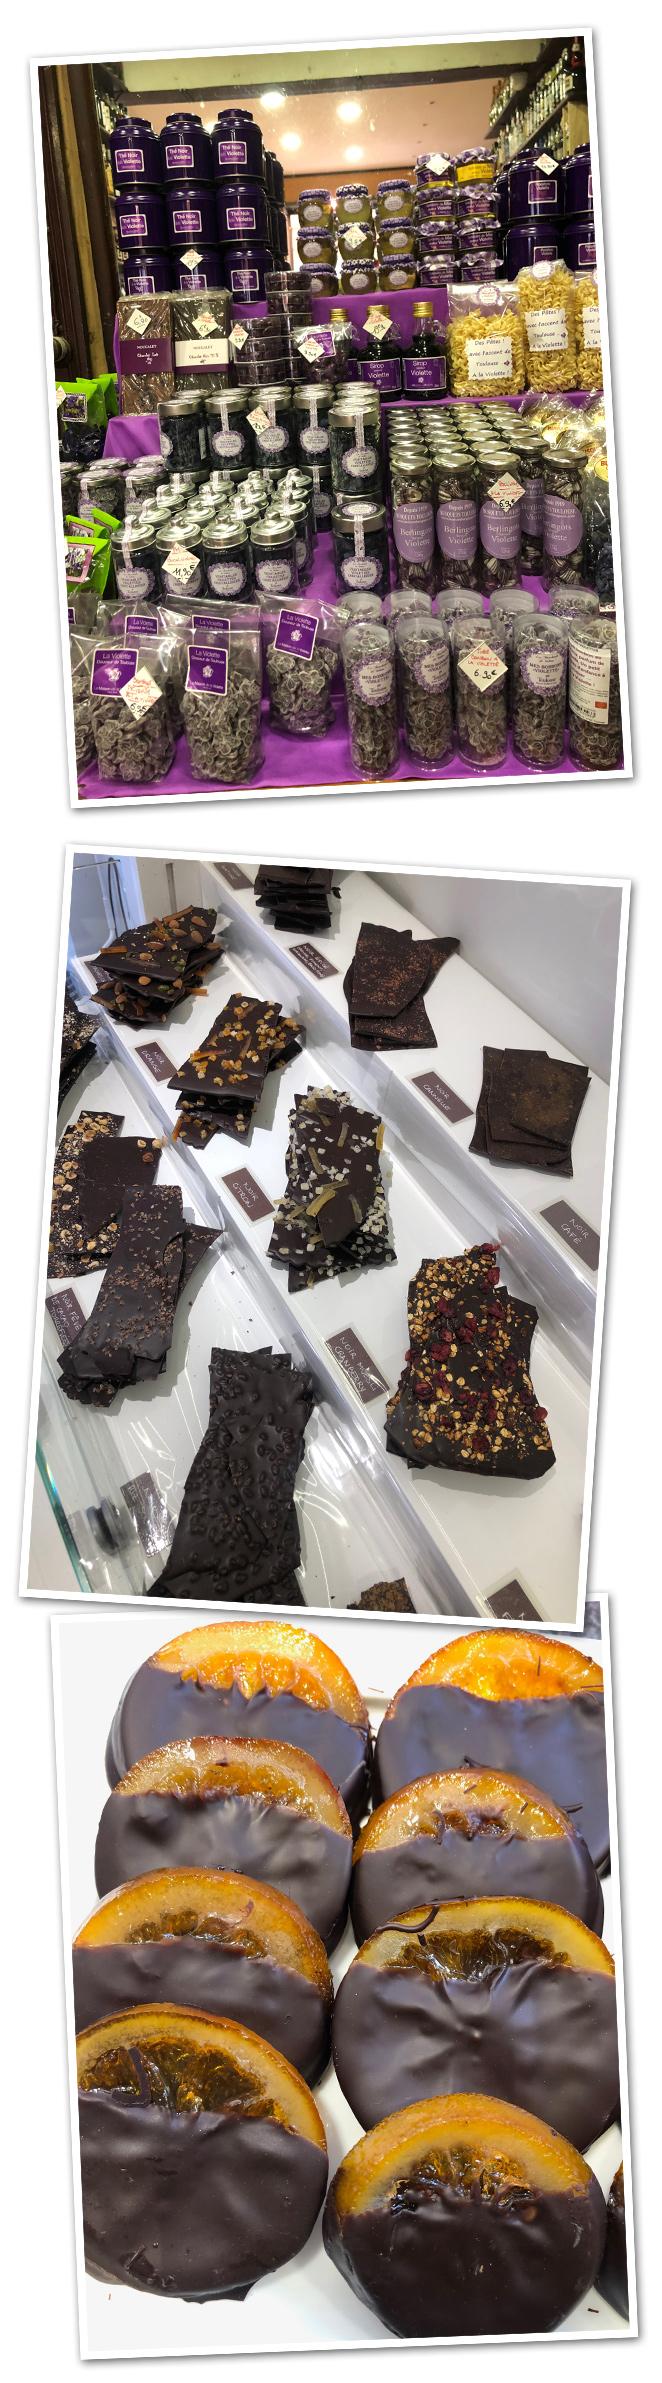 Otras tiendas gourmet que os recomendaría que visitarais son la emblemática Busquets que abrió sus puertas en 1919. Allí encontraréis la mejor selección de productos gastronómicos de la región (las violetas son muy típicas de aquí) y los vinos de Burdeos y, por otro lado, La Compagnie du Chocolat, considerada como la mejor chocolatería de Toulouse.